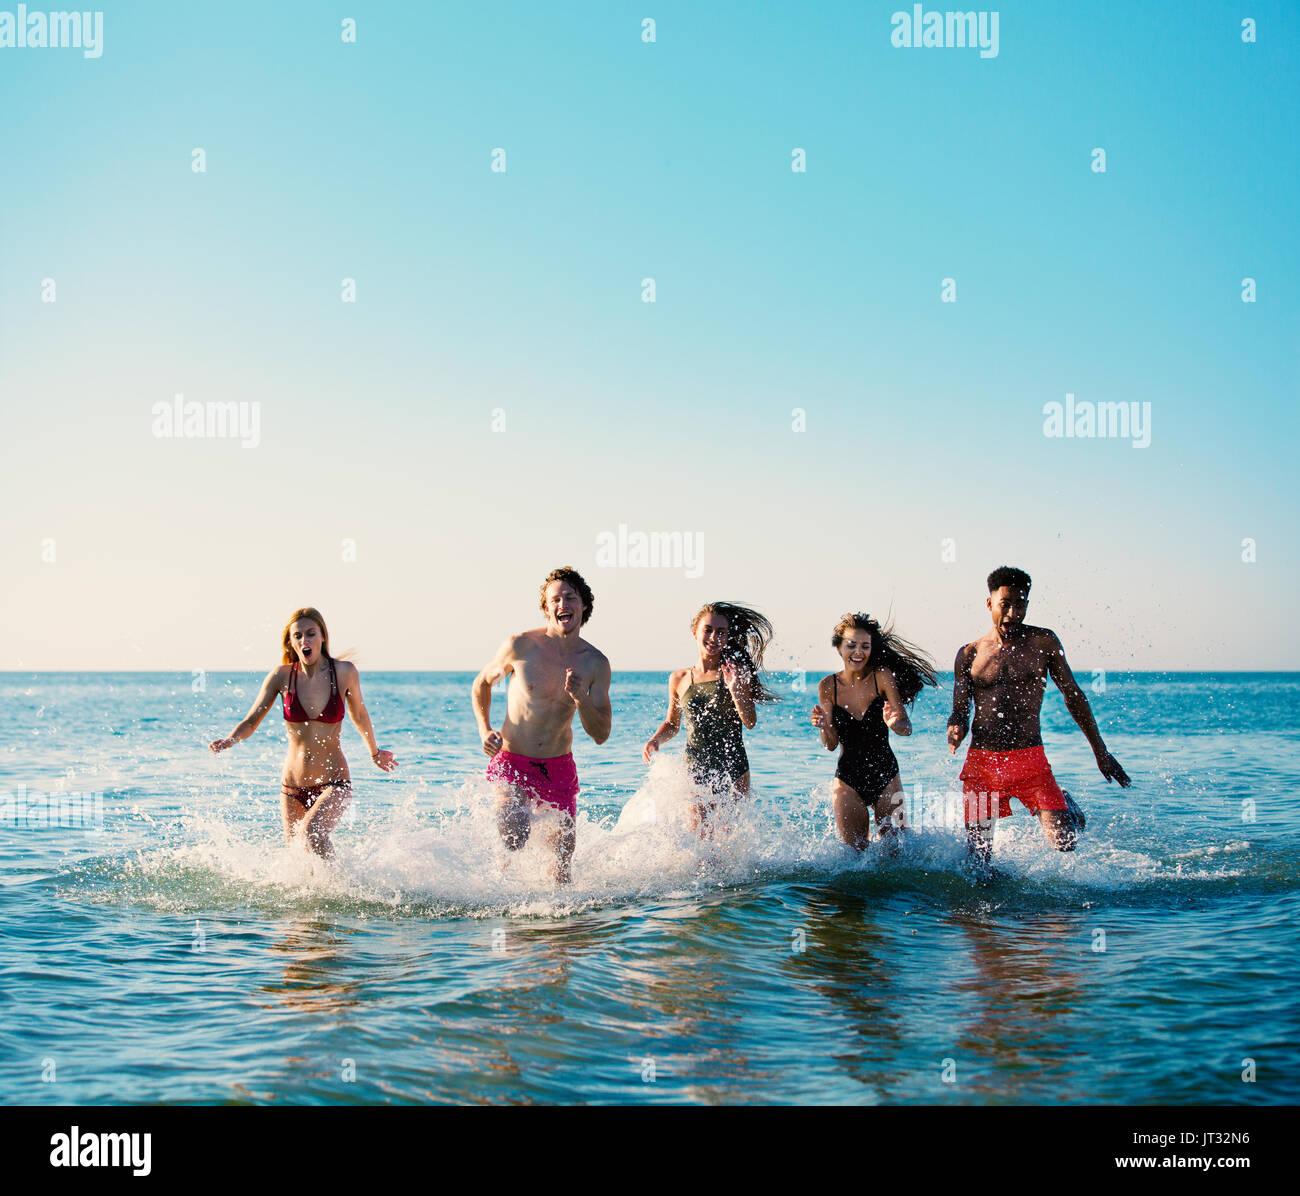 Gruppe von Freunden in das Meer laufen. Konzept der Sommerzeit Stockbild